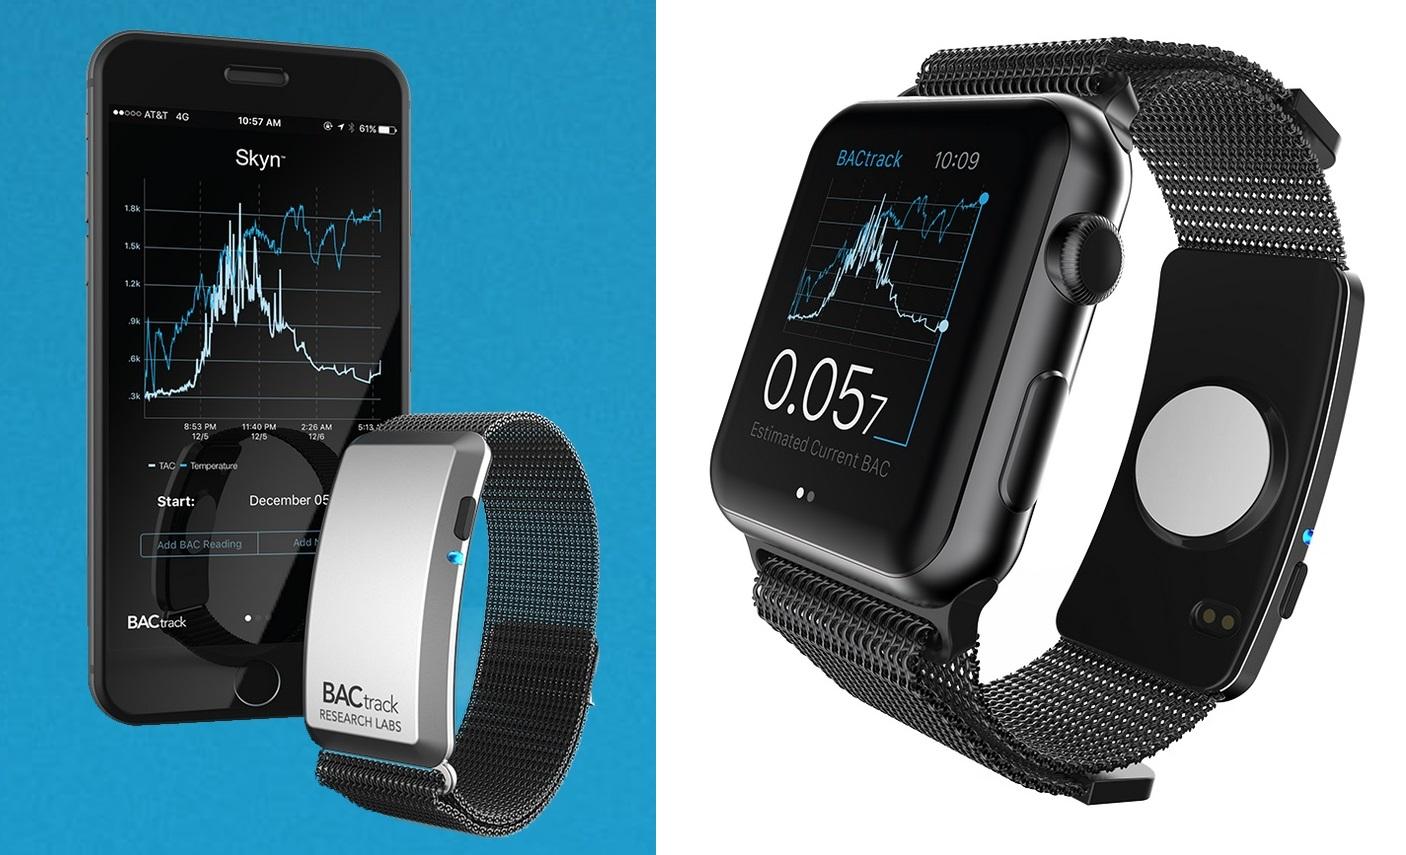 BACtrack Skyn Apple Watch